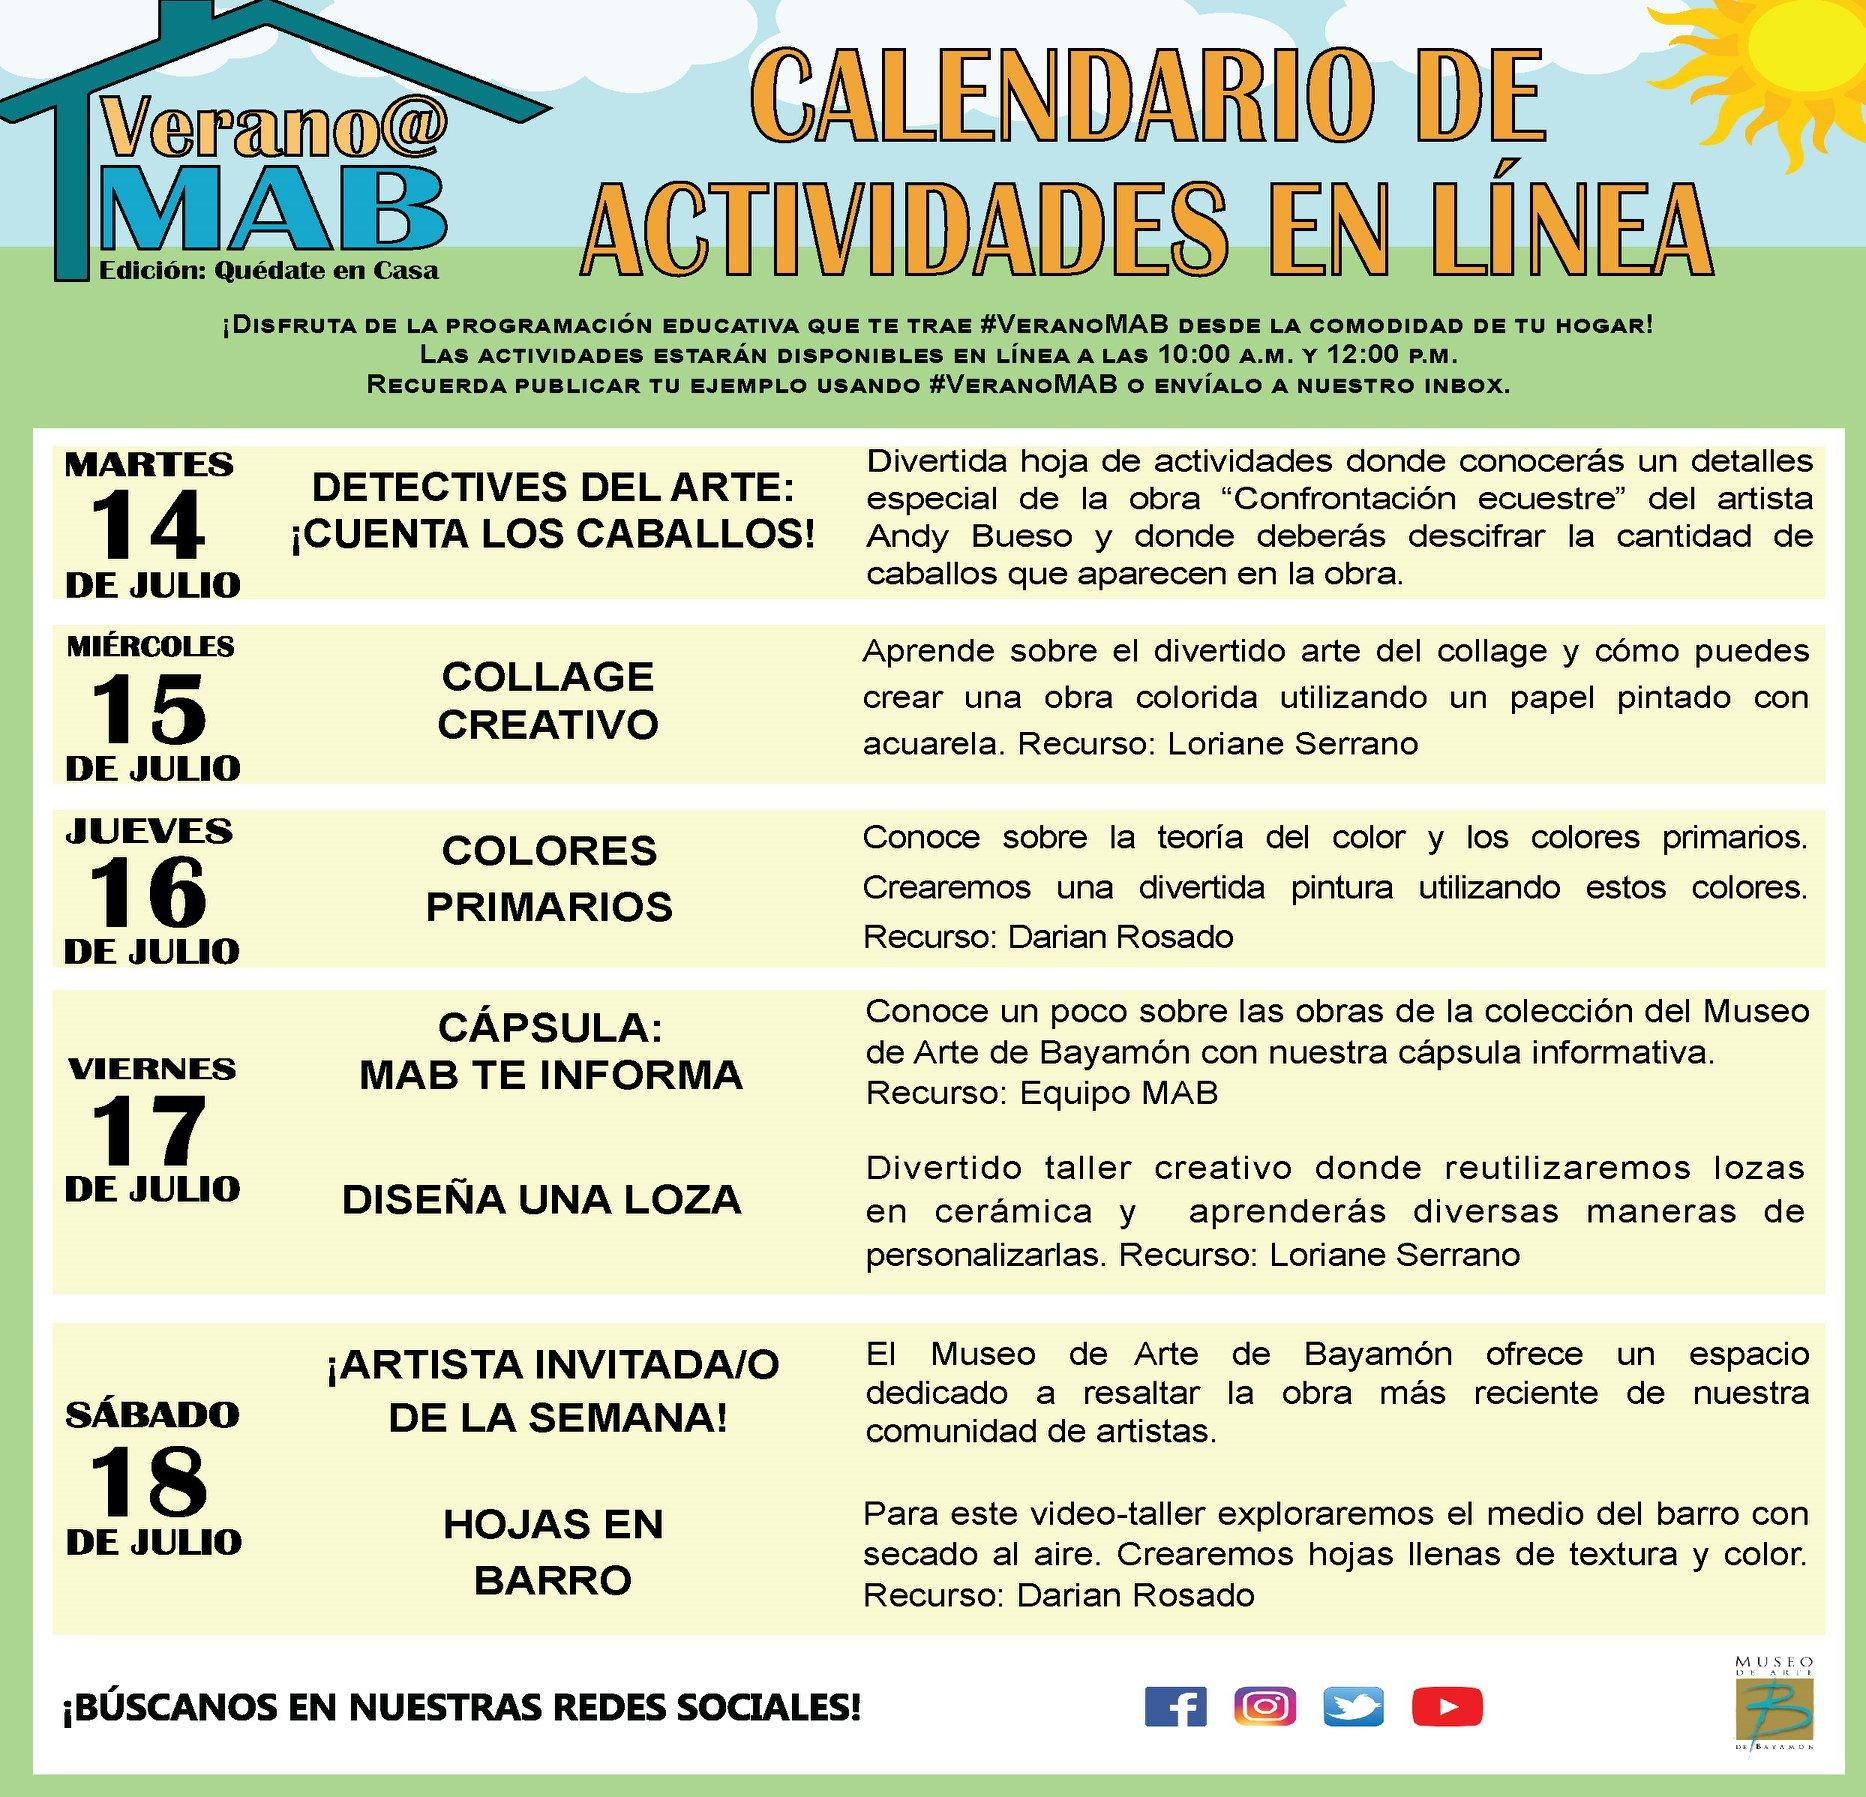 MAB en Casa: Talleres En Línea del 7 de julio al 11 de julio